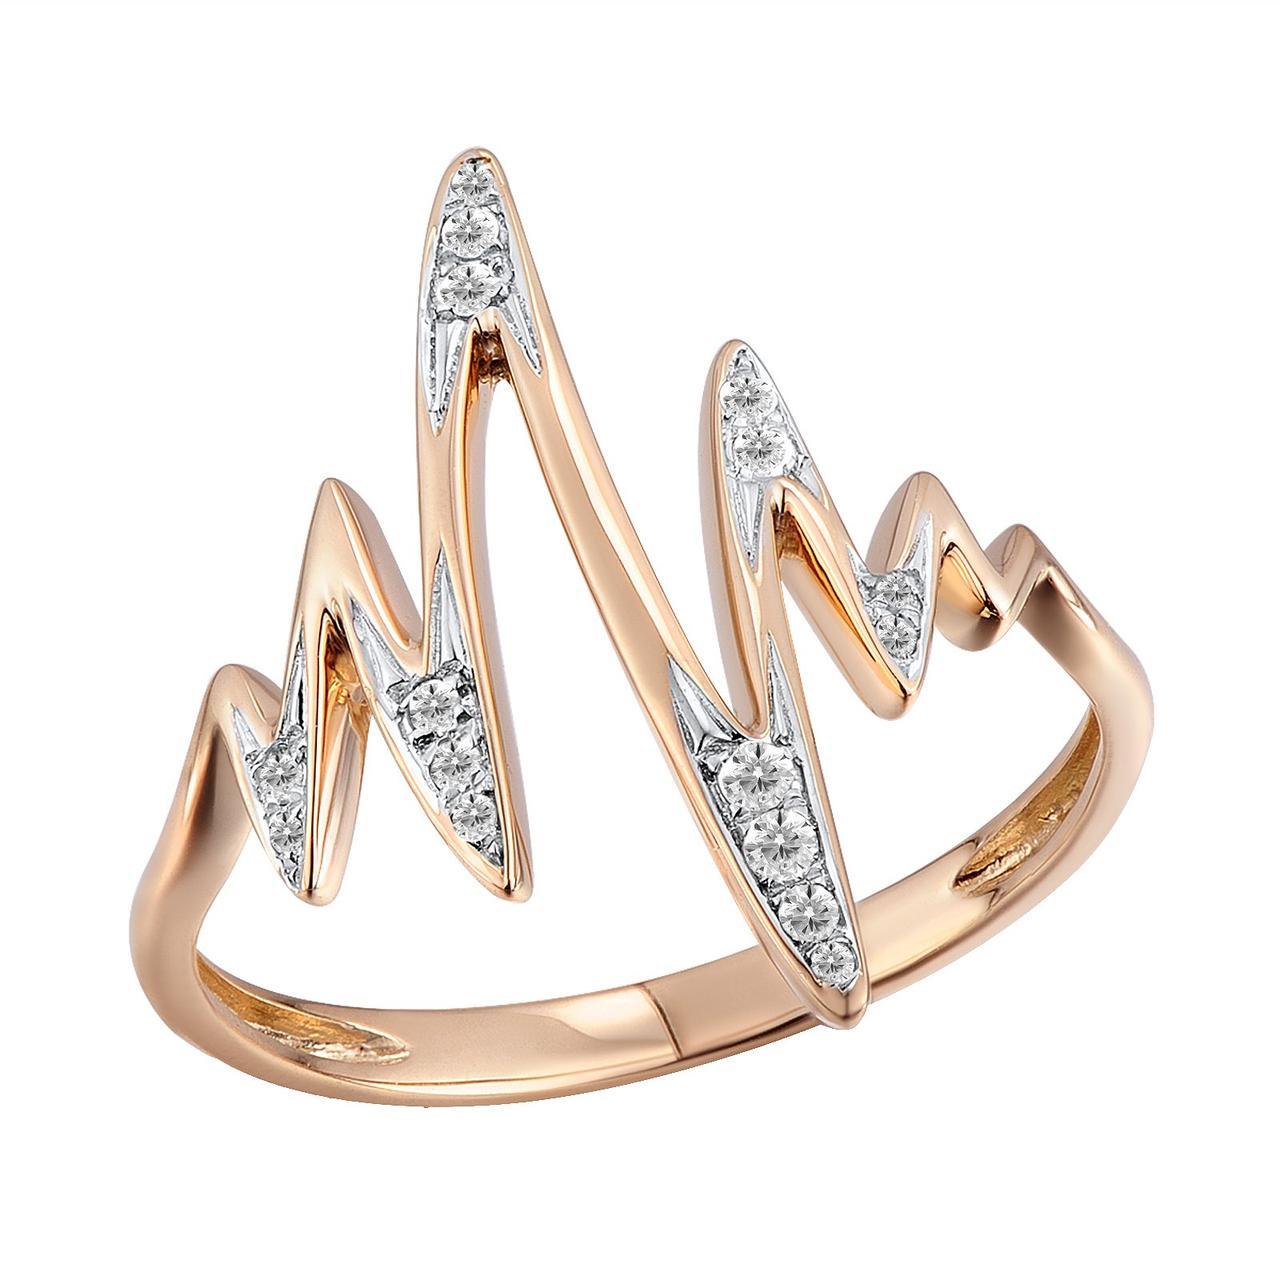 Золотое кольцо с бриллиантами, размер 17 (813720)